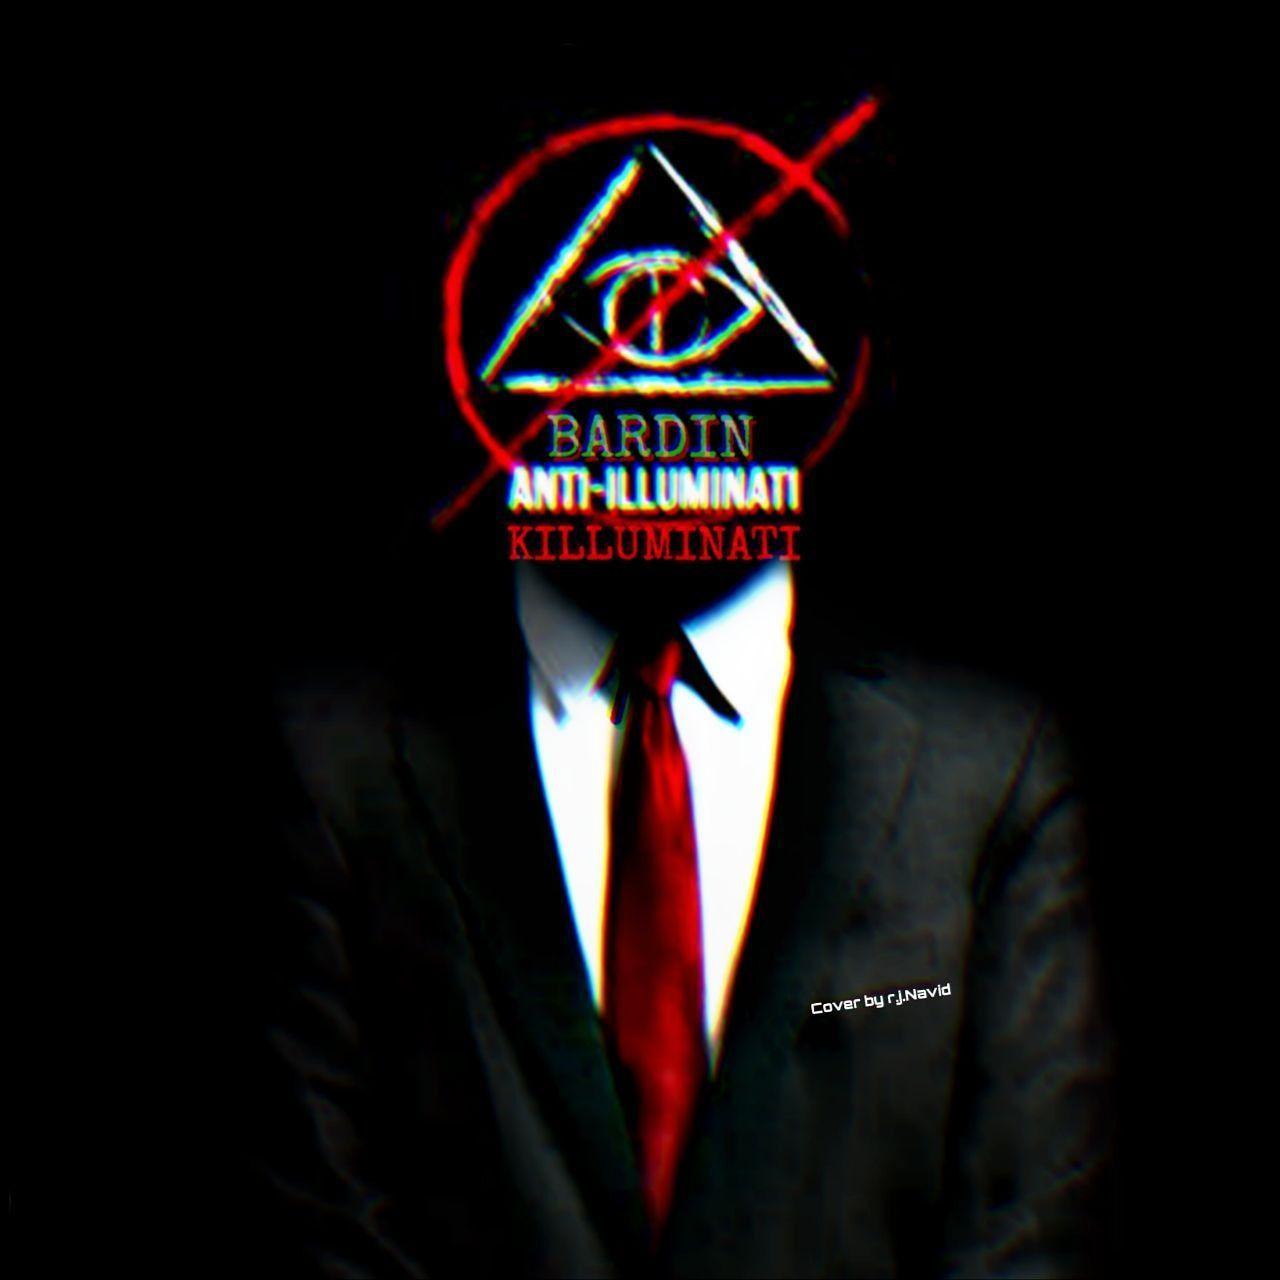 دانلود آهنگ kill illuminati از بردین و دنیل